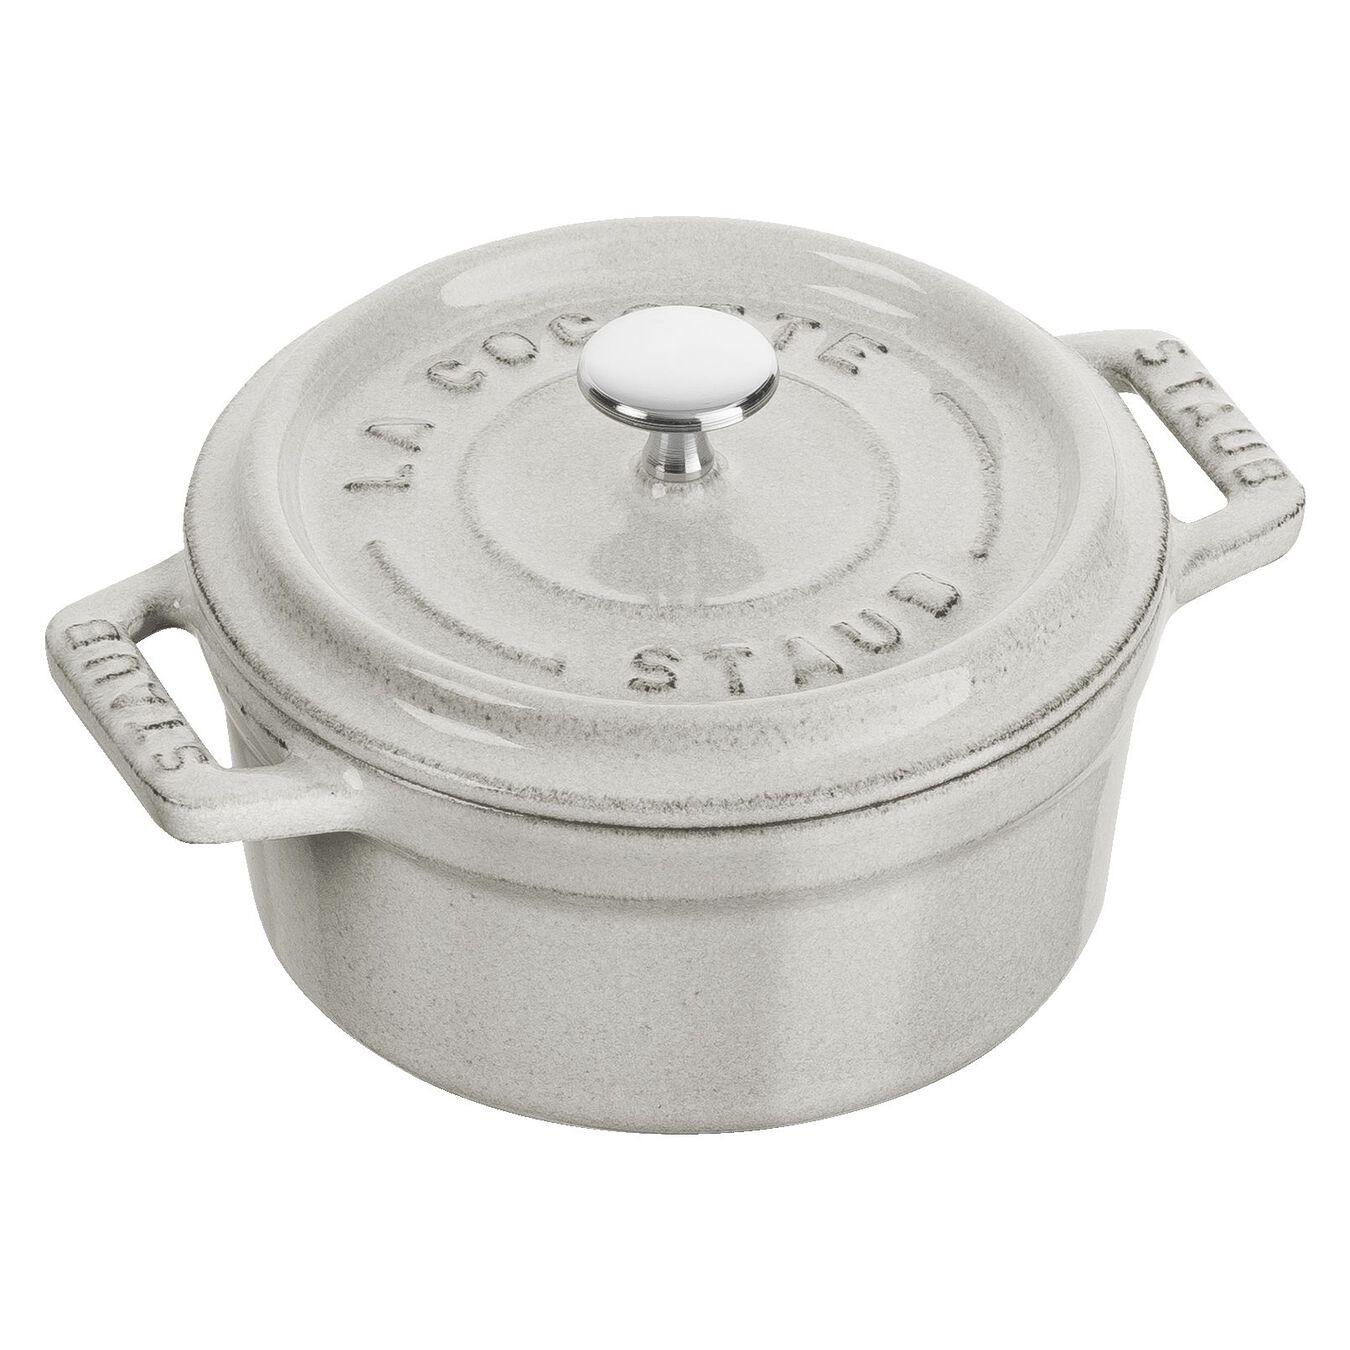 250 ml Cast iron round Mini Cocotte, White Truffle,,large 1